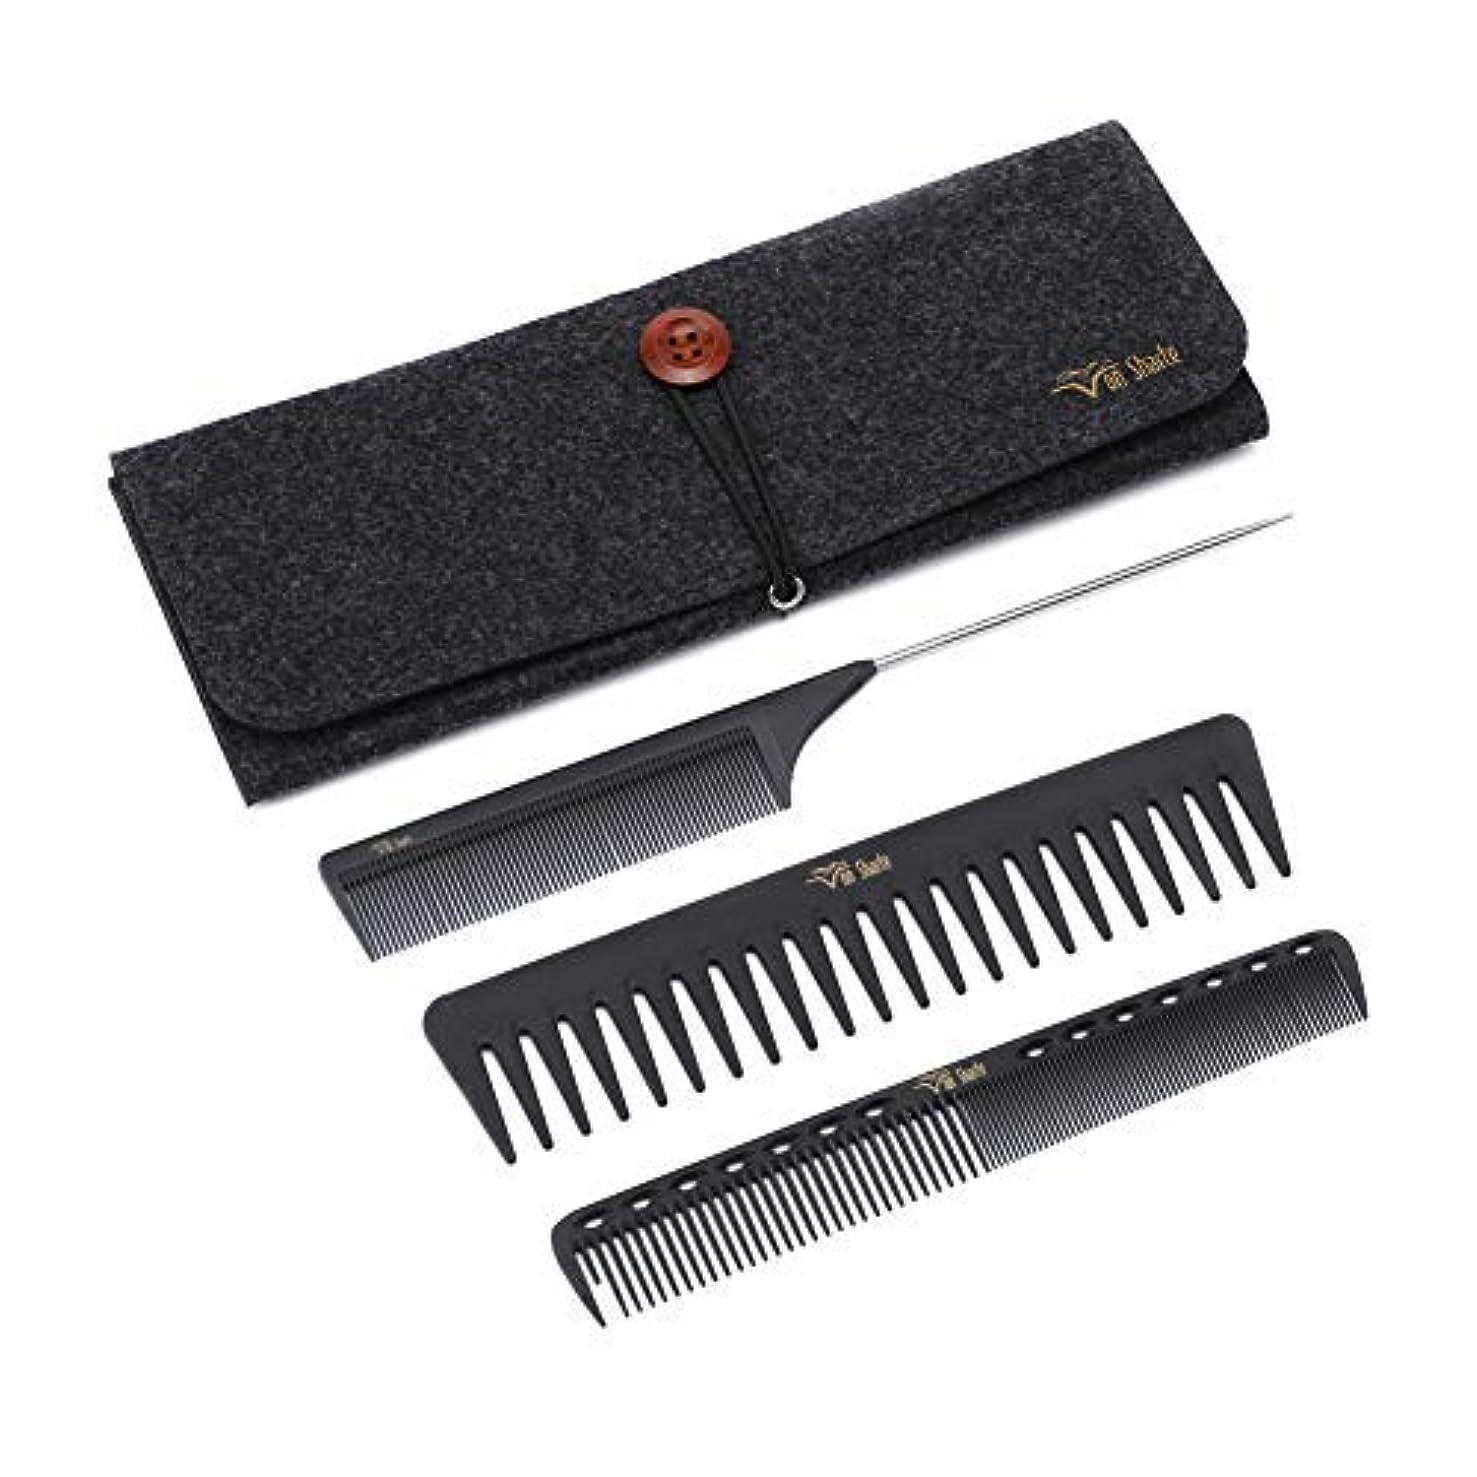 ベアリングカートリッジどんよりしたStyling Comb Set,Hairdresser Barber Comb Cutting Hair Comb Carbon Fiber Wide Tooth Comb Metal Rat Pin Tail Comb...